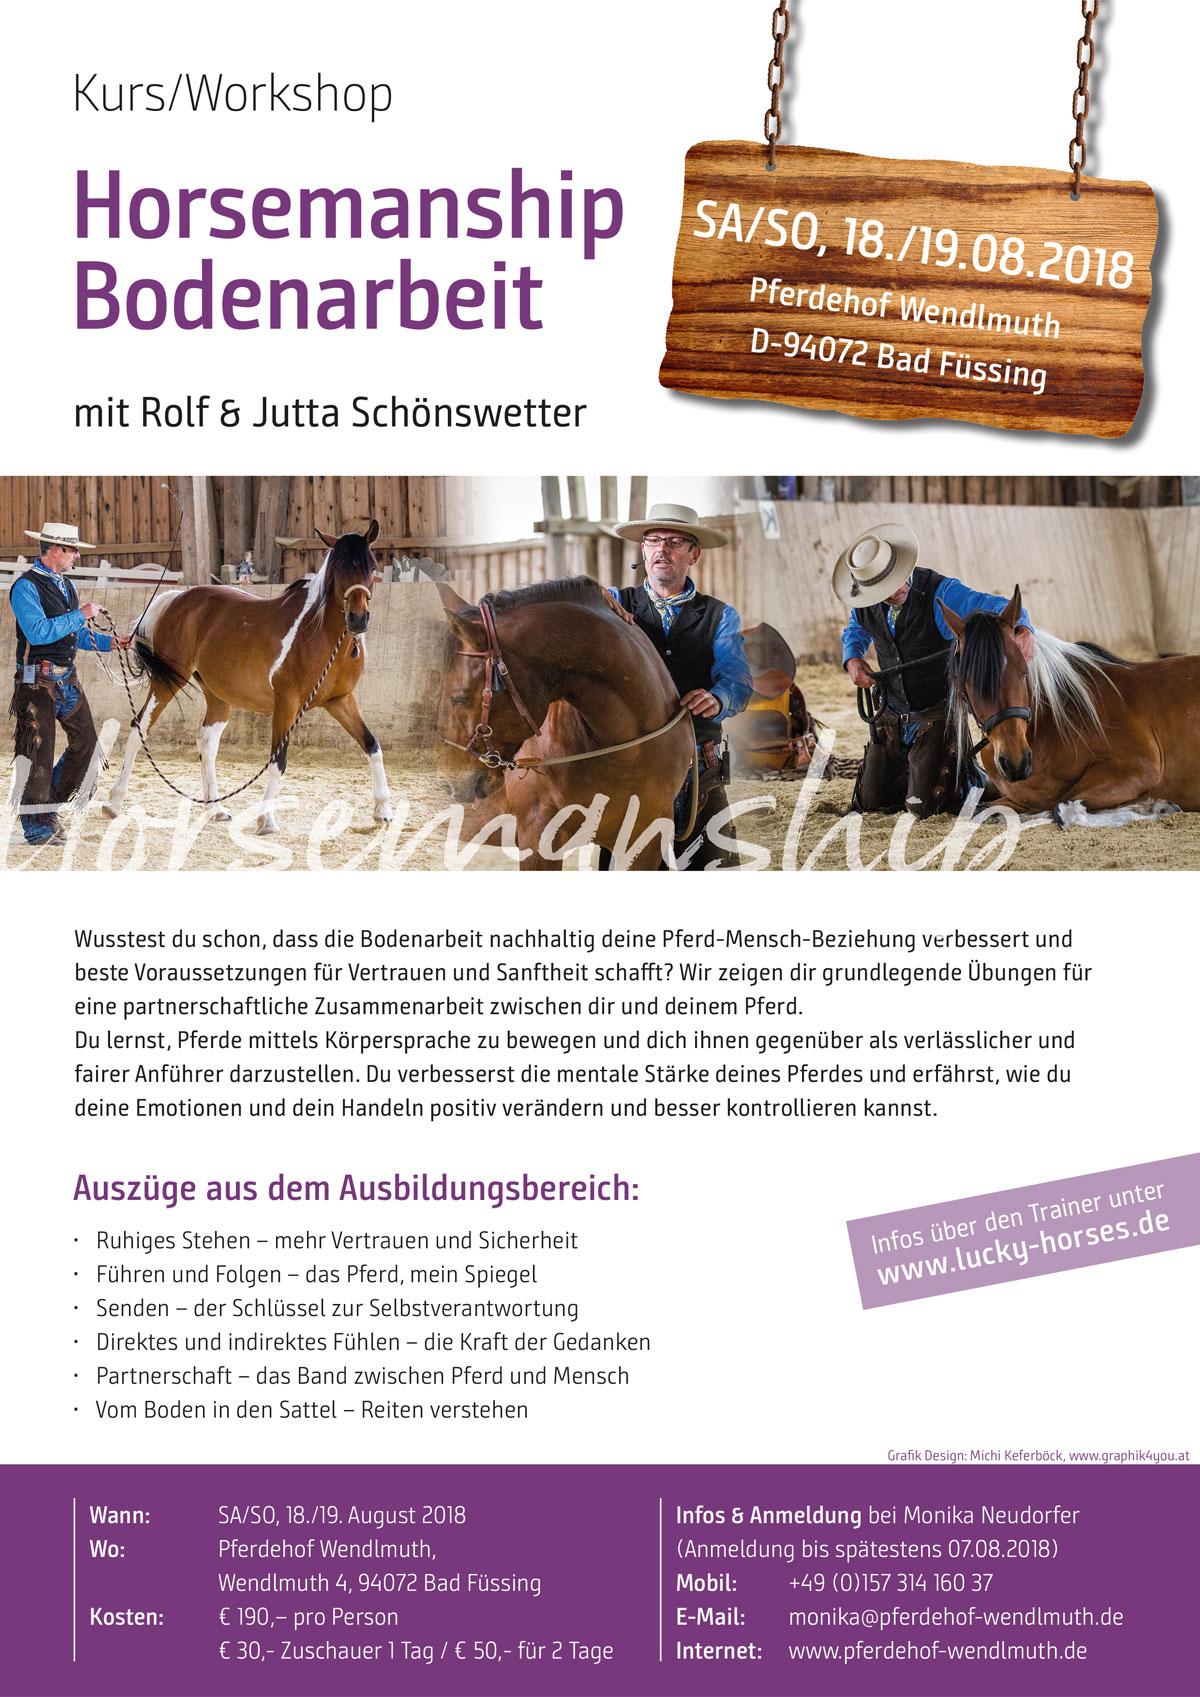 Horsemanship Bodenarbeit: 2-Tageskurs am Pferdehof-Wendlmuth